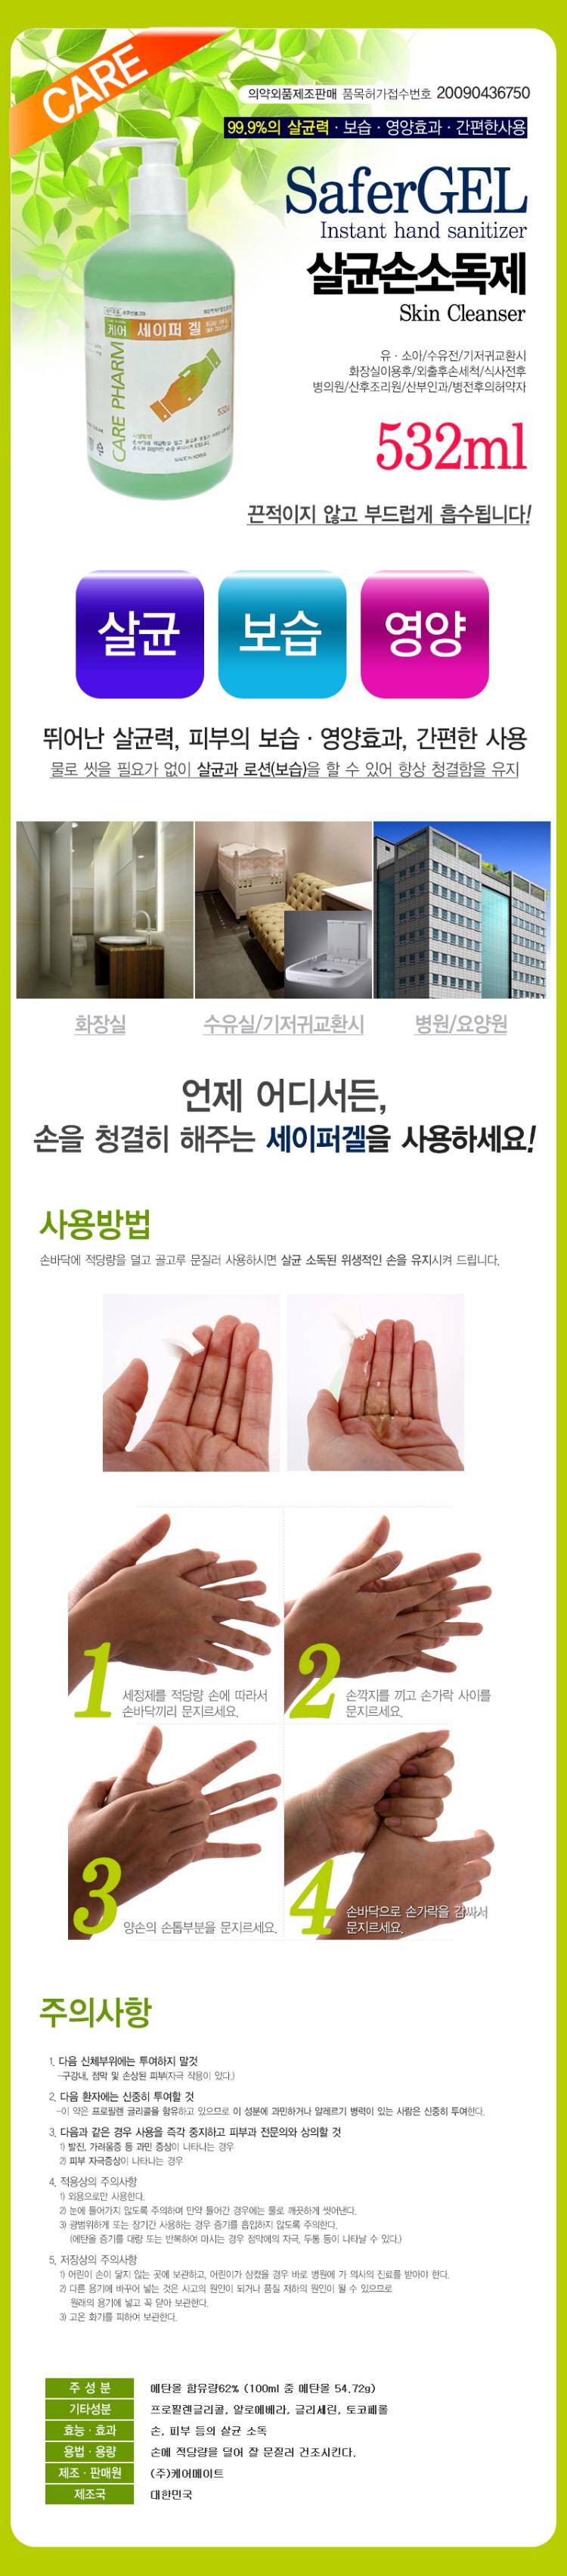 손소독제,손살균제,손세척제,감염예방,손소독젤,손소독액,손소독겔,세이퍼겔